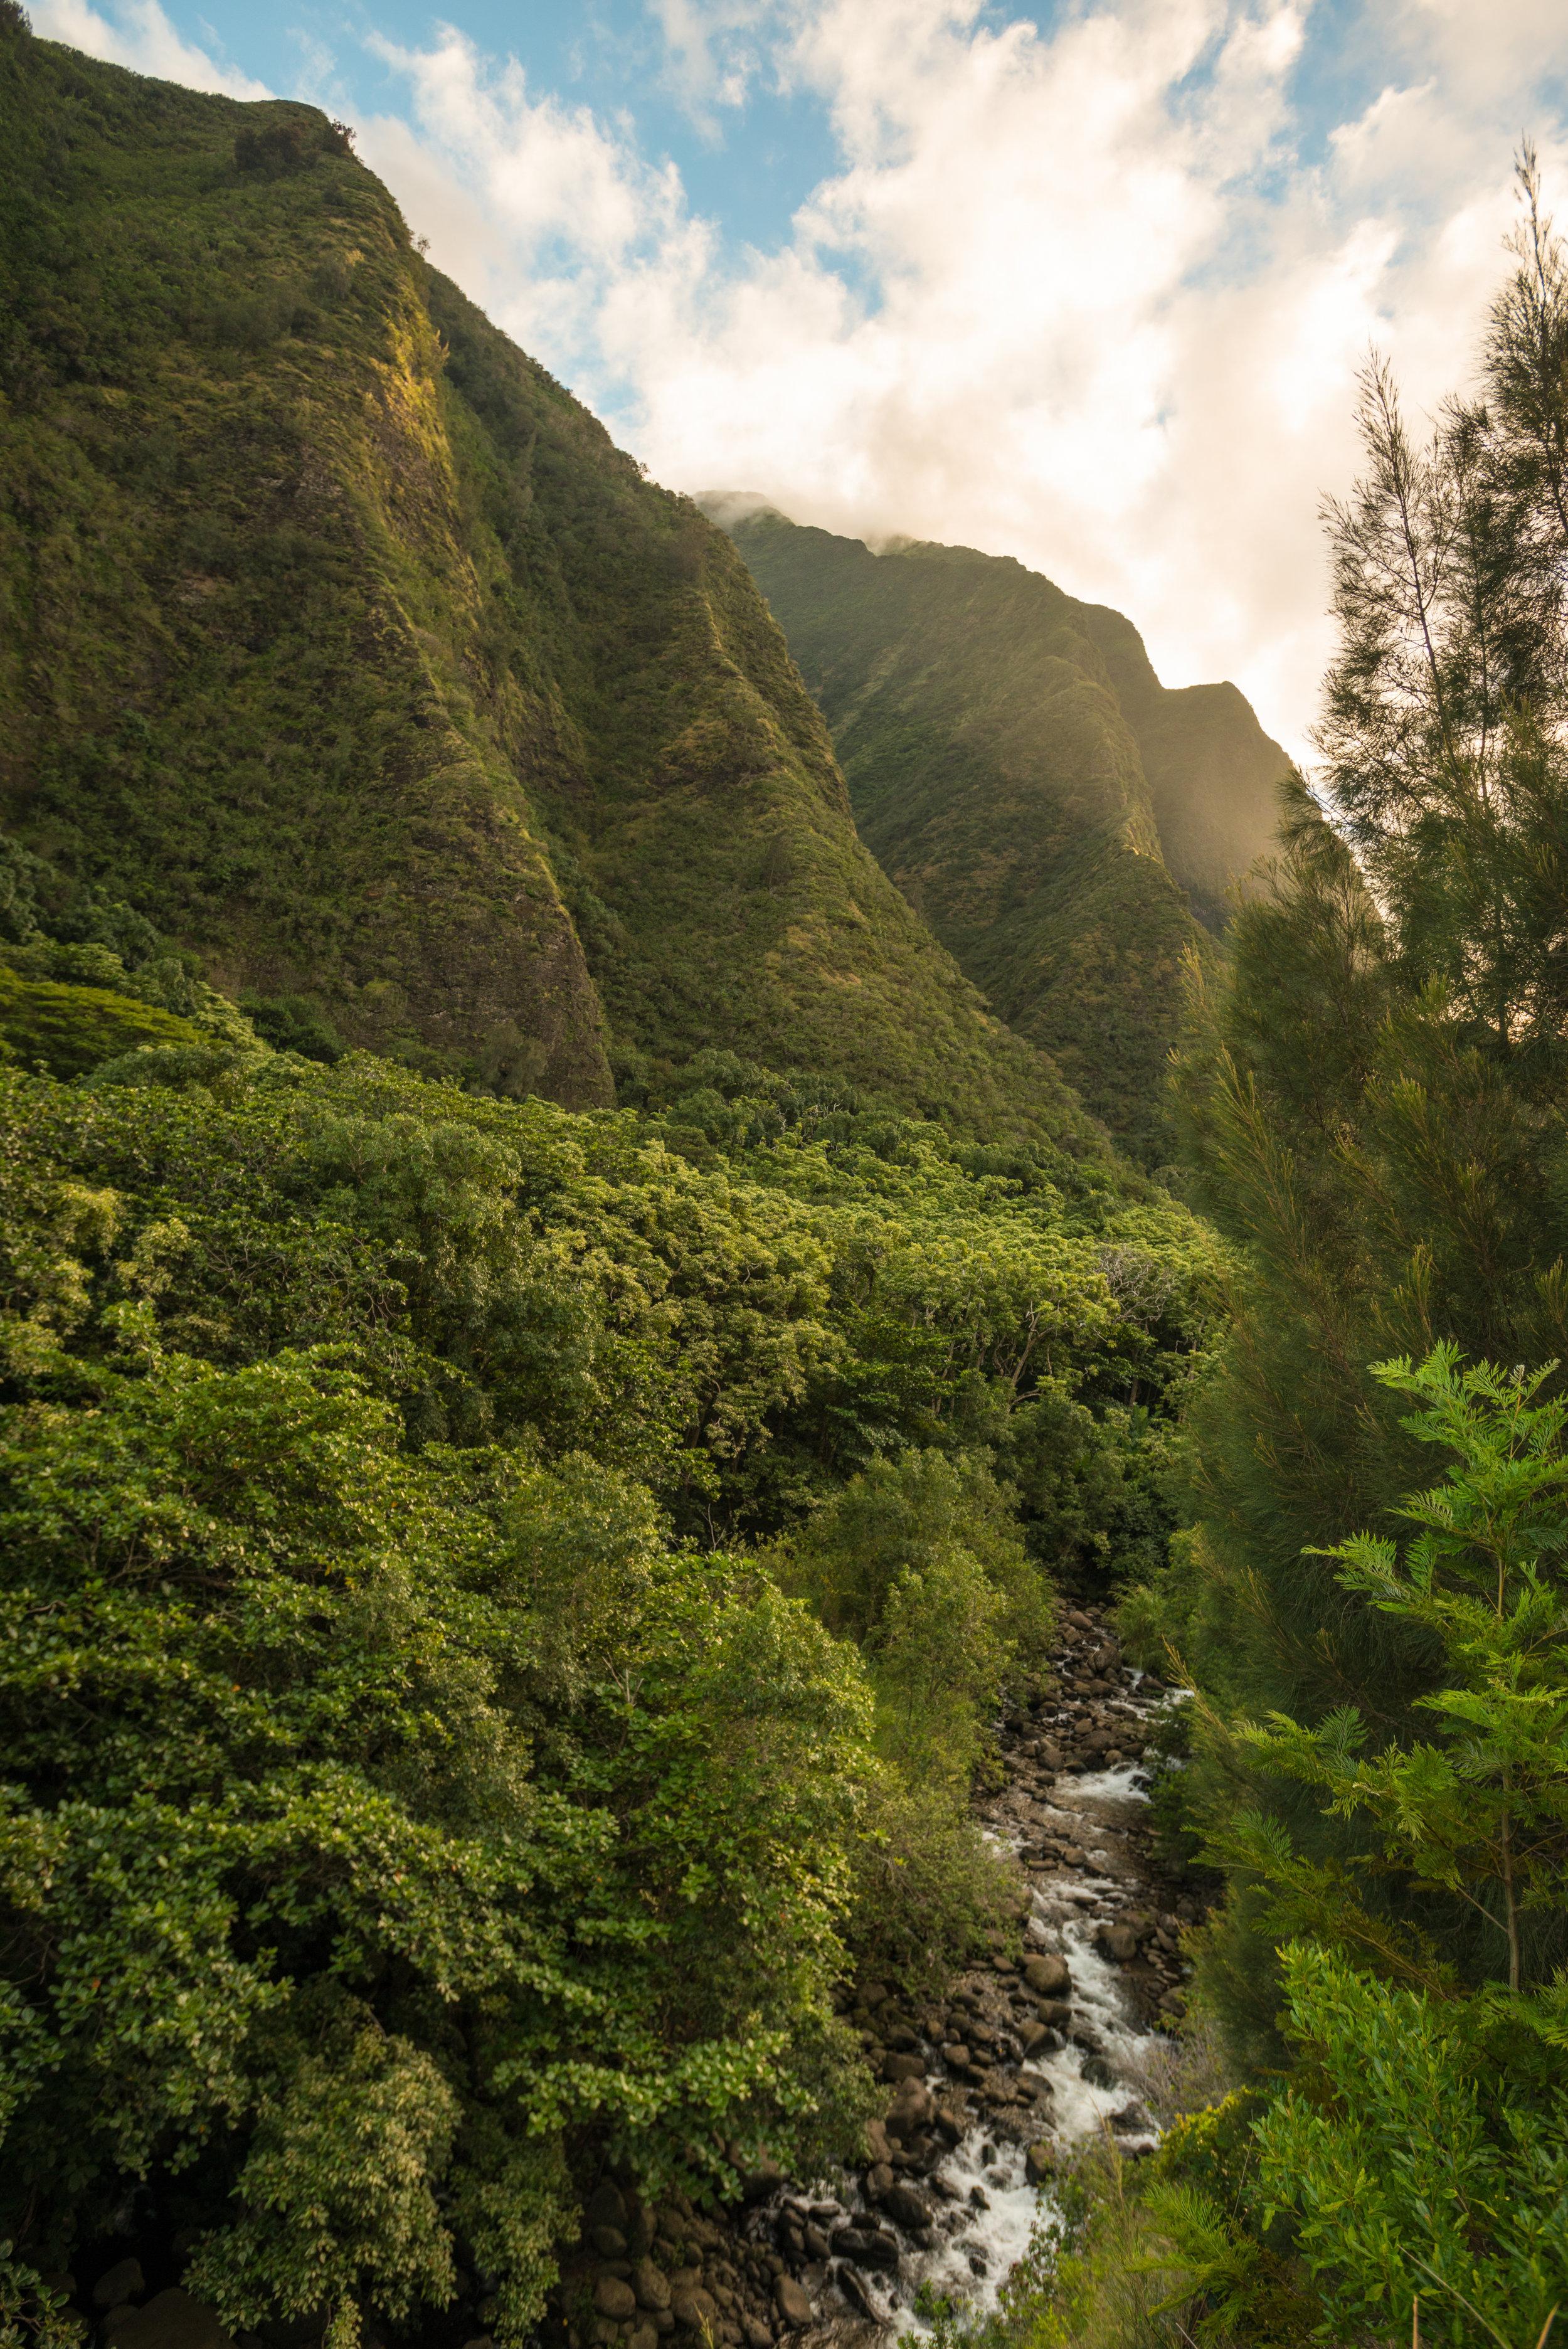 Chris_Majors_Maui-8516.jpg